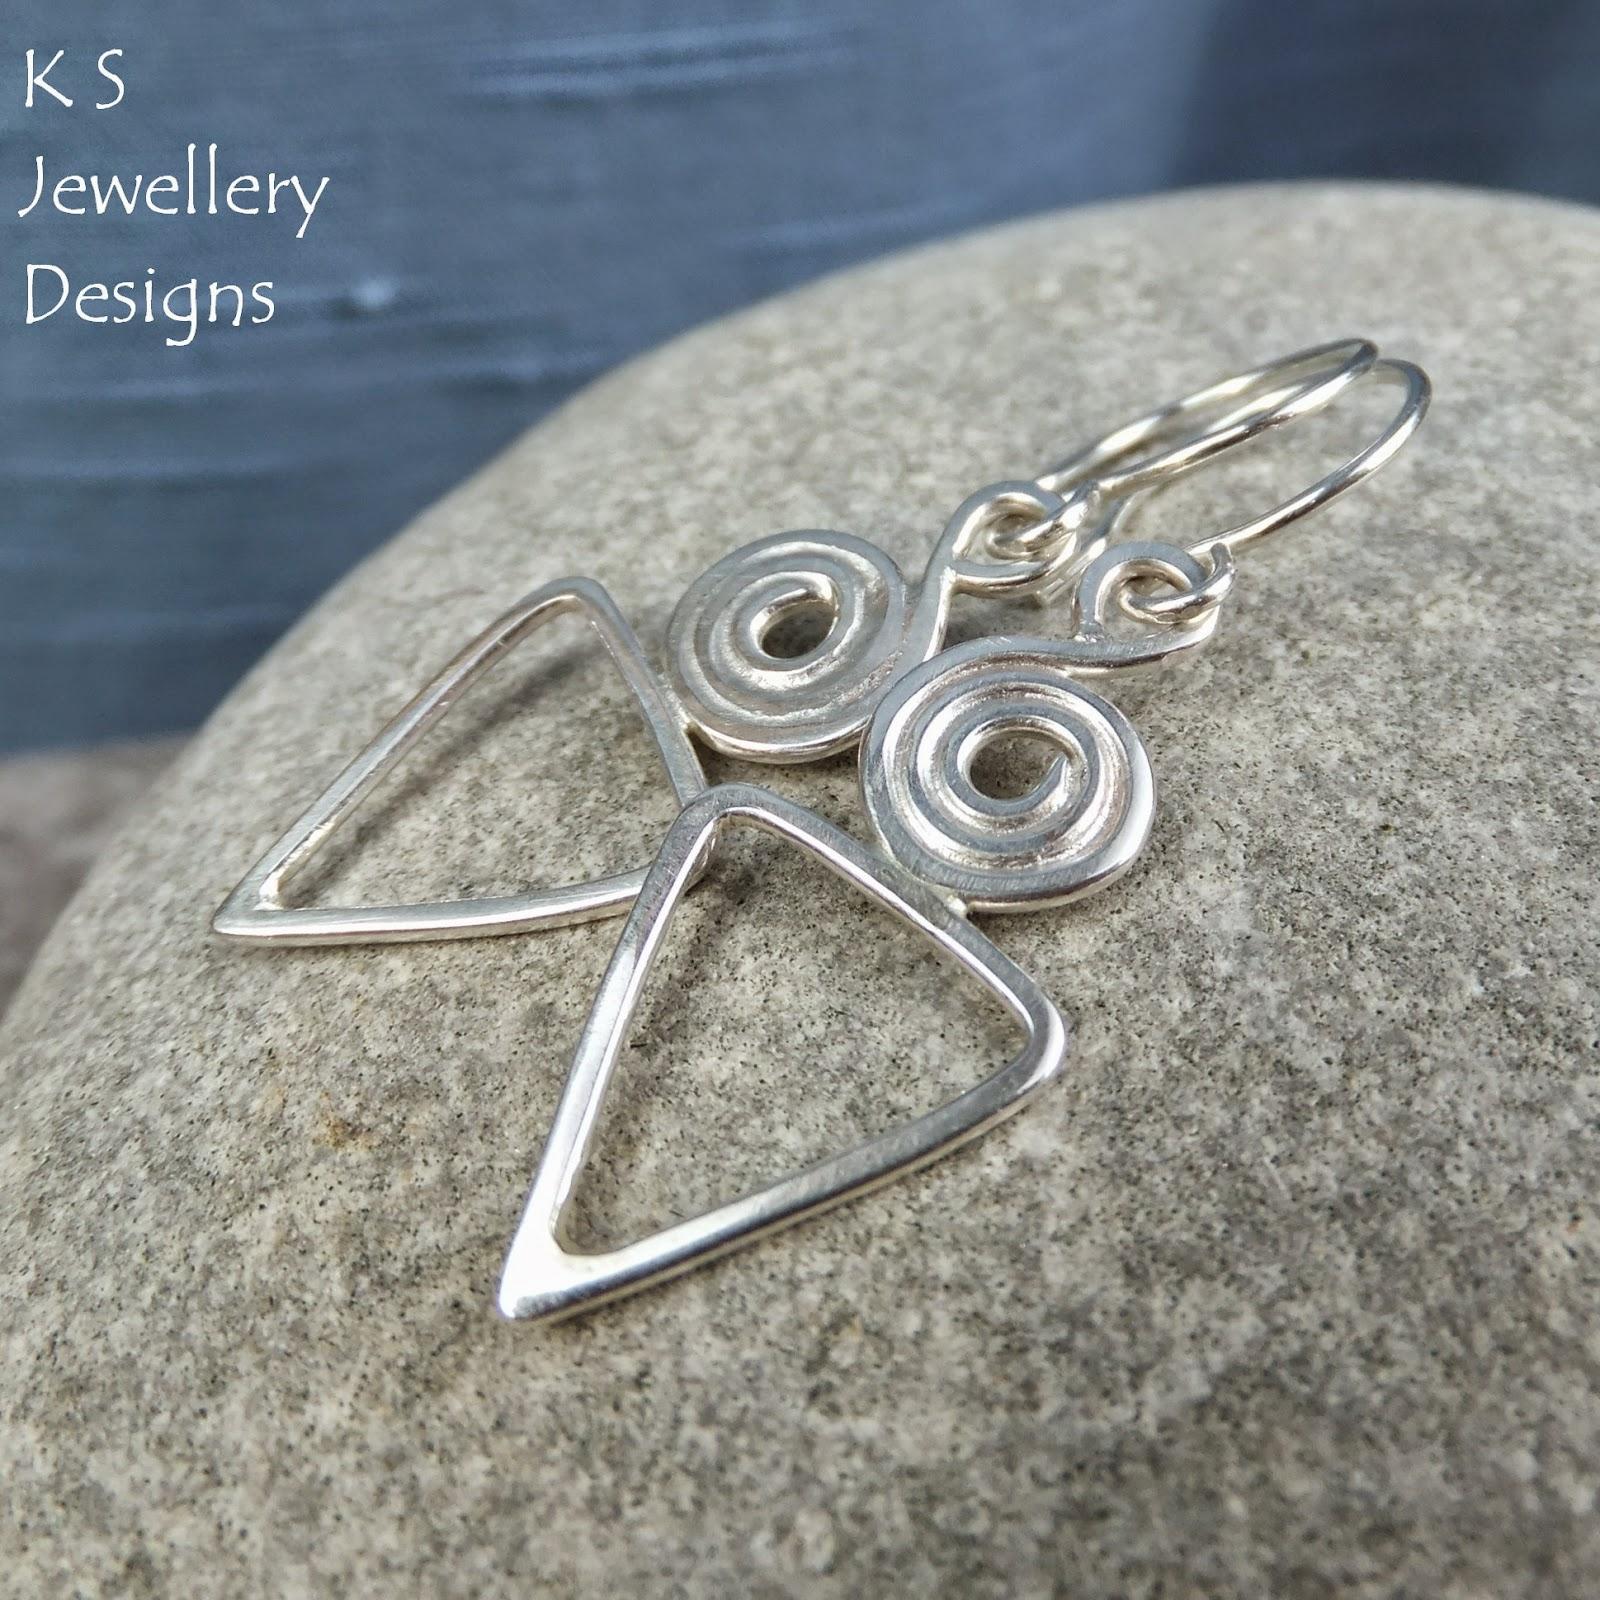 http://ksjewellerydesigns.co.uk/ourshop/prod_3588754-Sterling-Silver-Geometric-Earrings-Aztec-Style.html